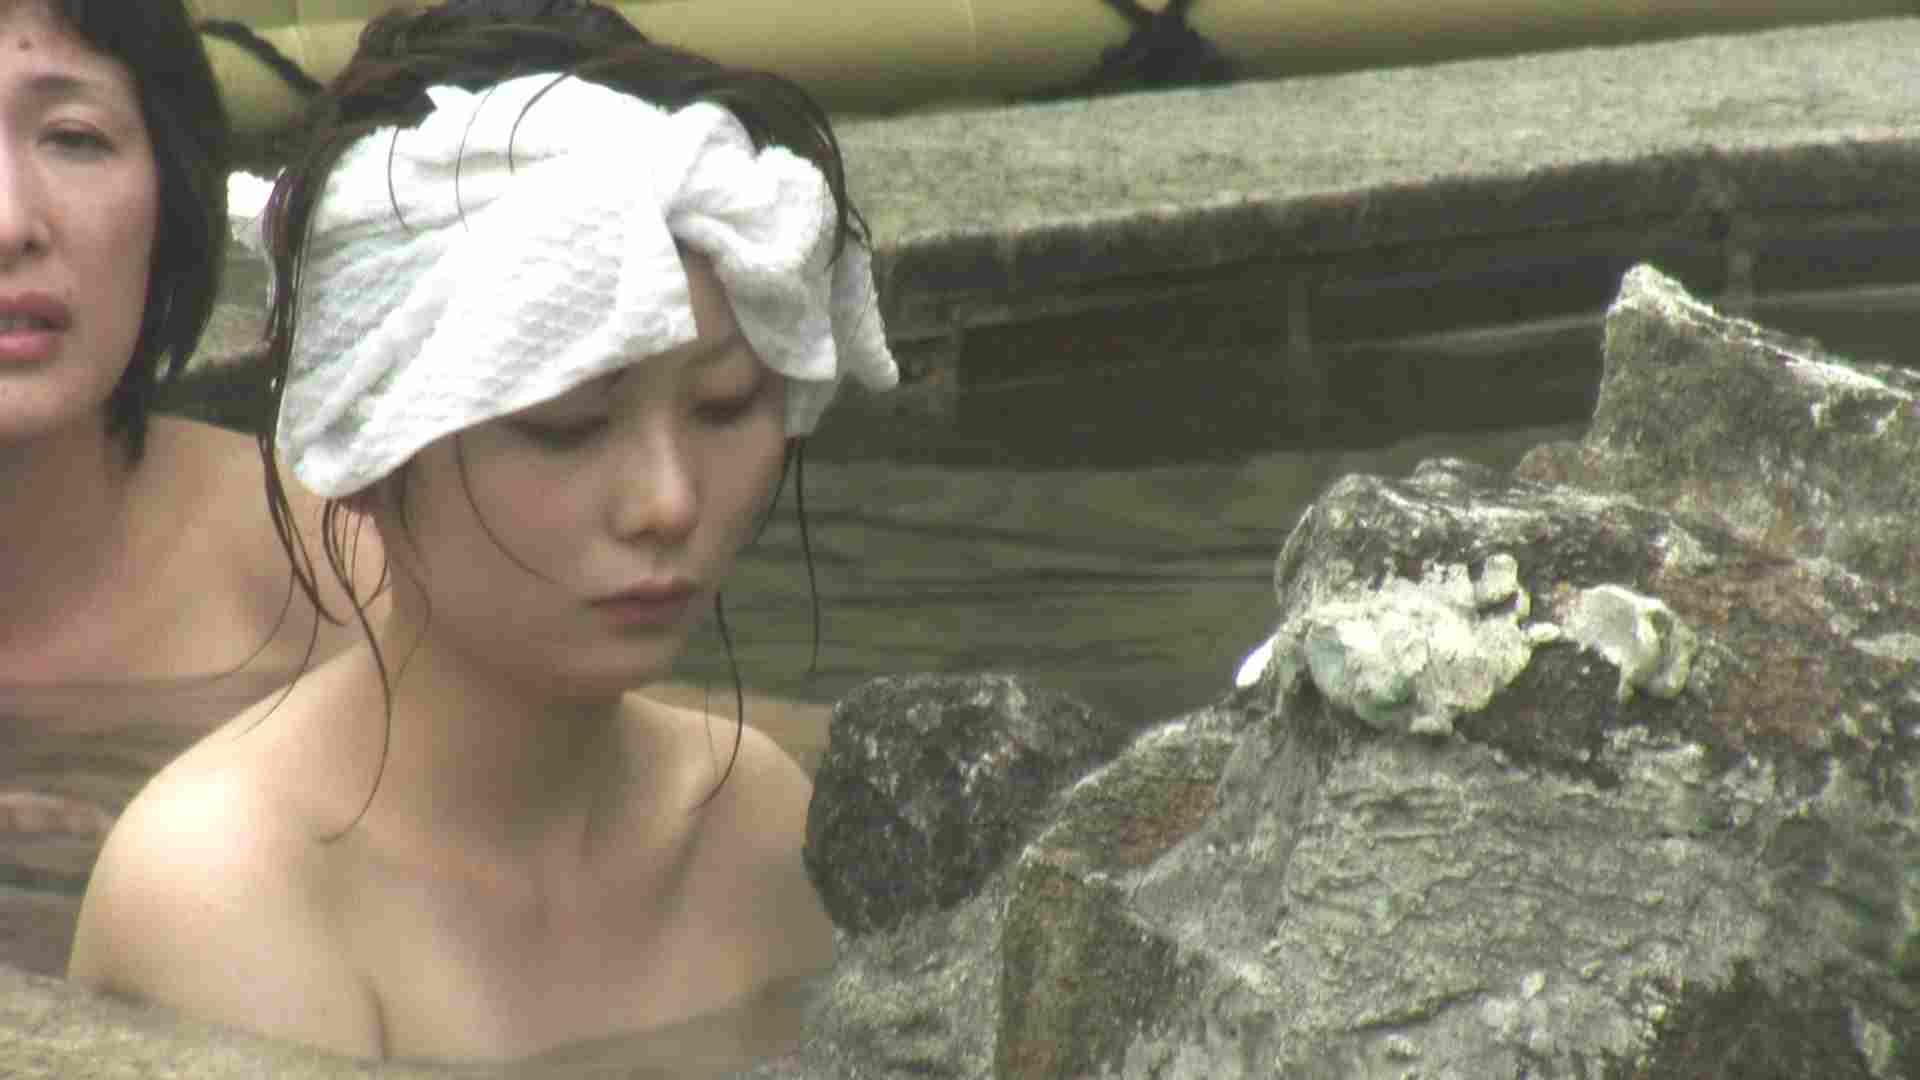 Aquaな露天風呂Vol.147 盗撮シリーズ  80PIX 22